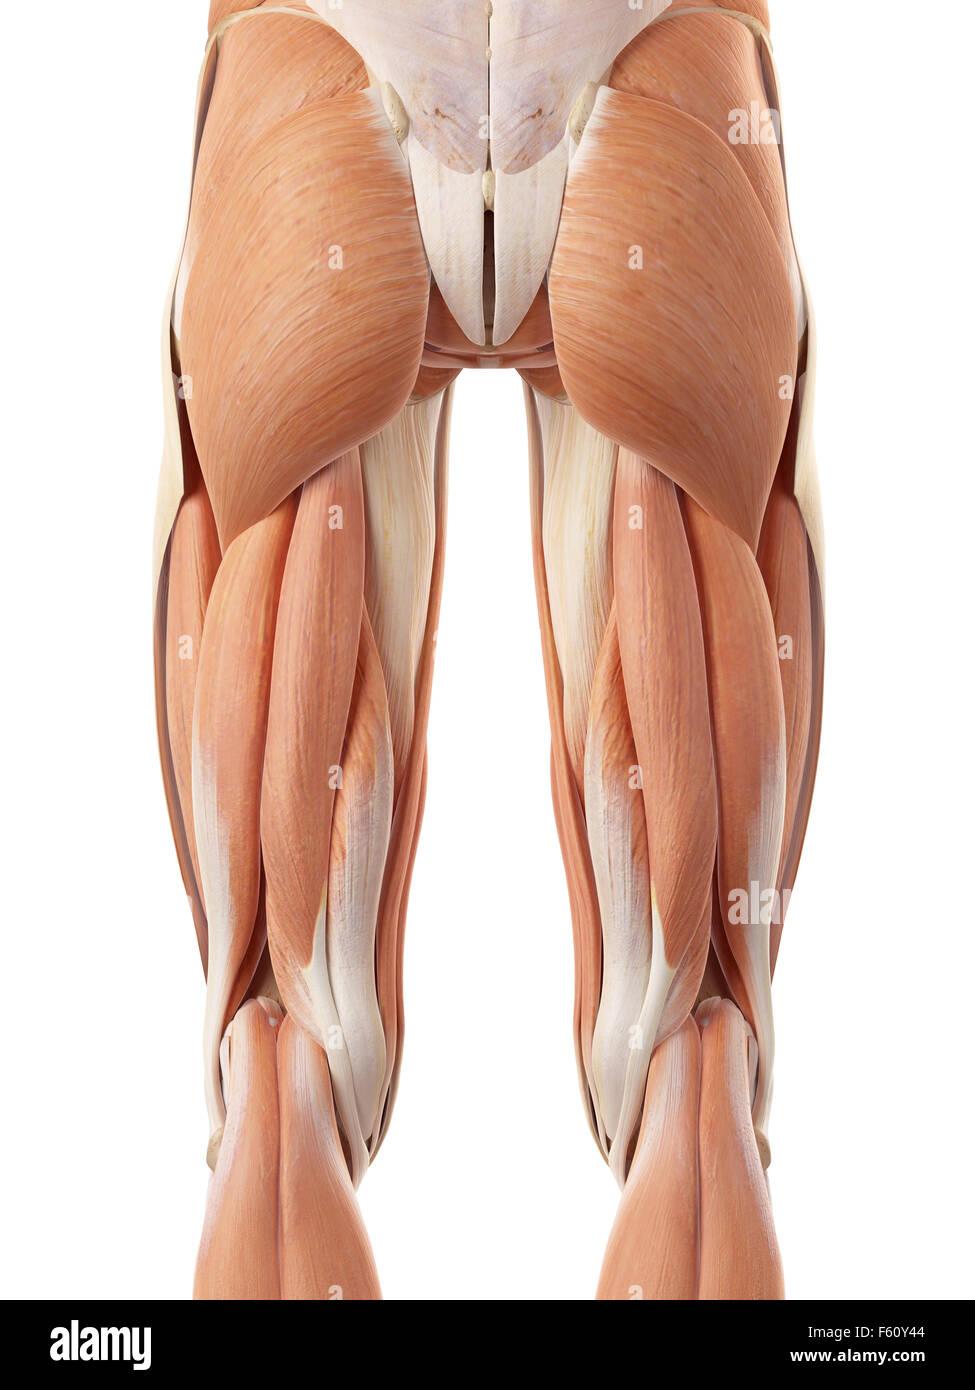 medizinisch genaue Abbildung der hinteren Beinmuskulatur Stockfoto ...